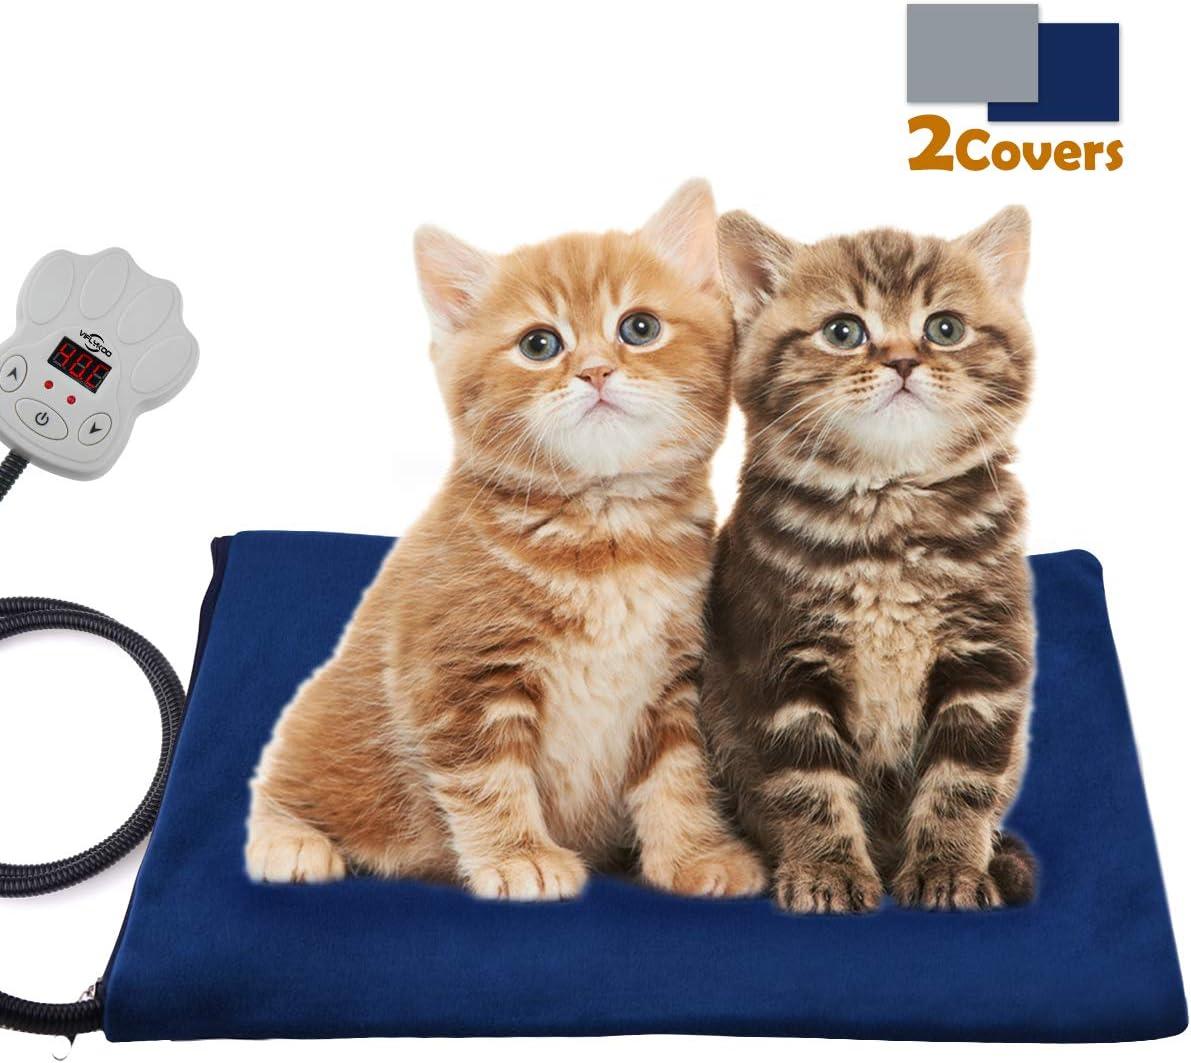 Viflykoo Almohadilla térmica Mascotas, Manta Eléctrica para Perro con Ajuste Temperatura 7 velocidades Almohadilla Aislante 30W para Gatos Pad térmica Suave Mascotas(40 * 30 cm)